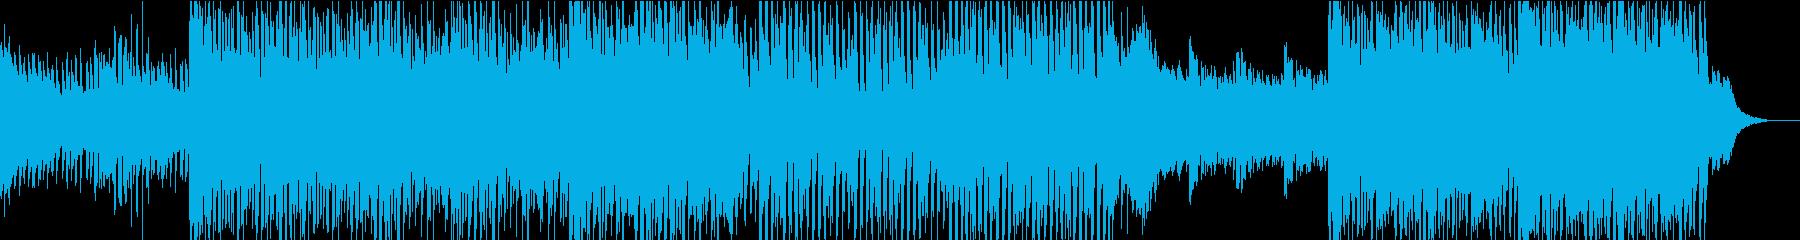 爽やかなハウスミュージックの再生済みの波形